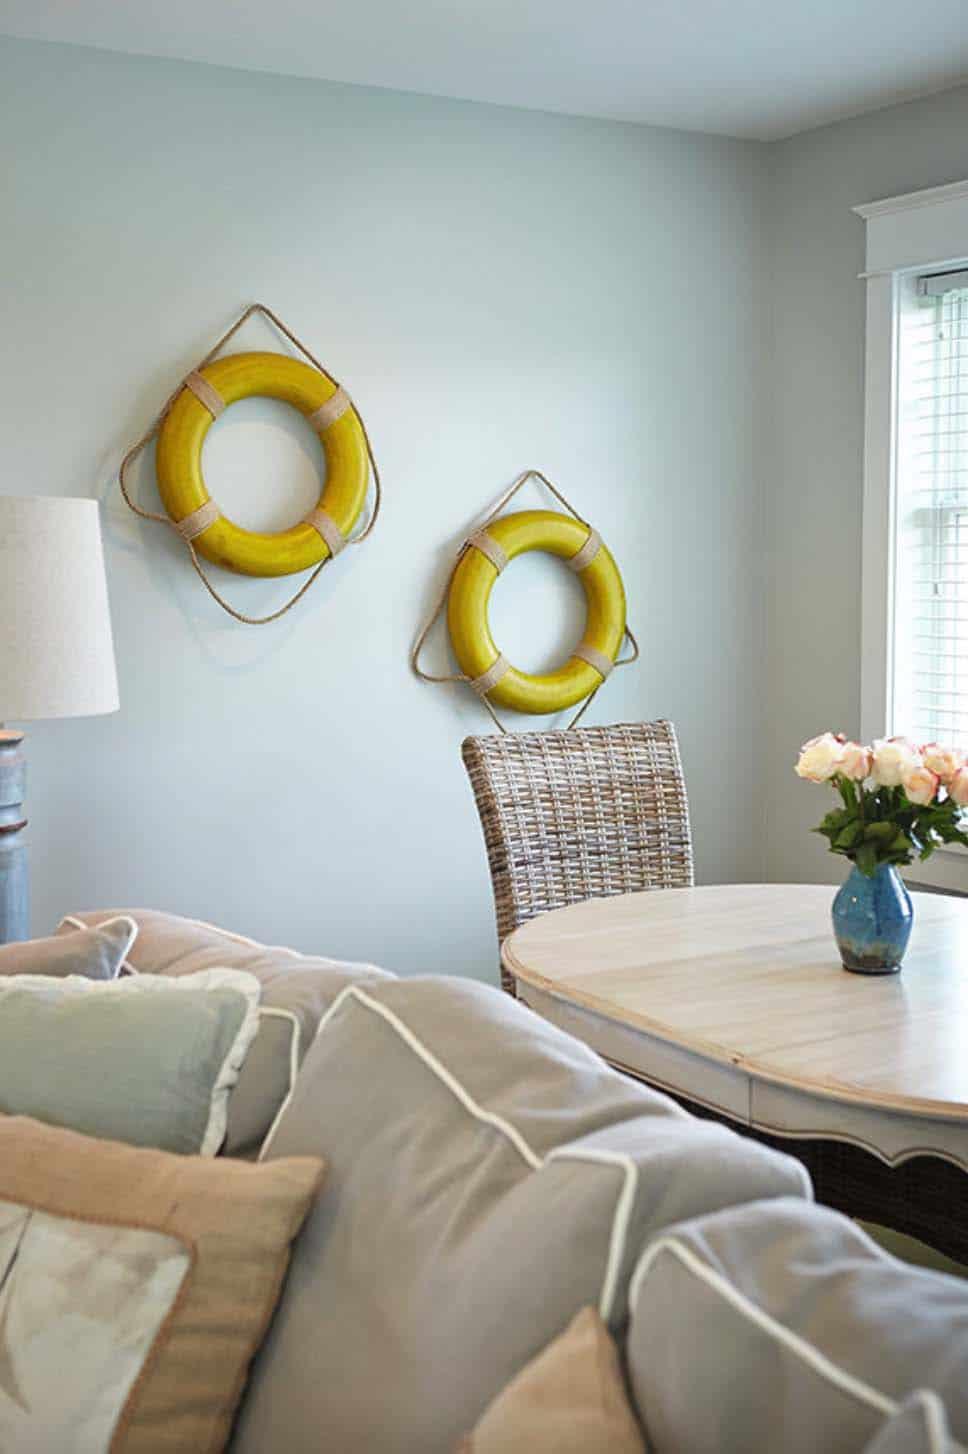 Cottage familial de style plage-Villa Decor-32-1 Kindesign